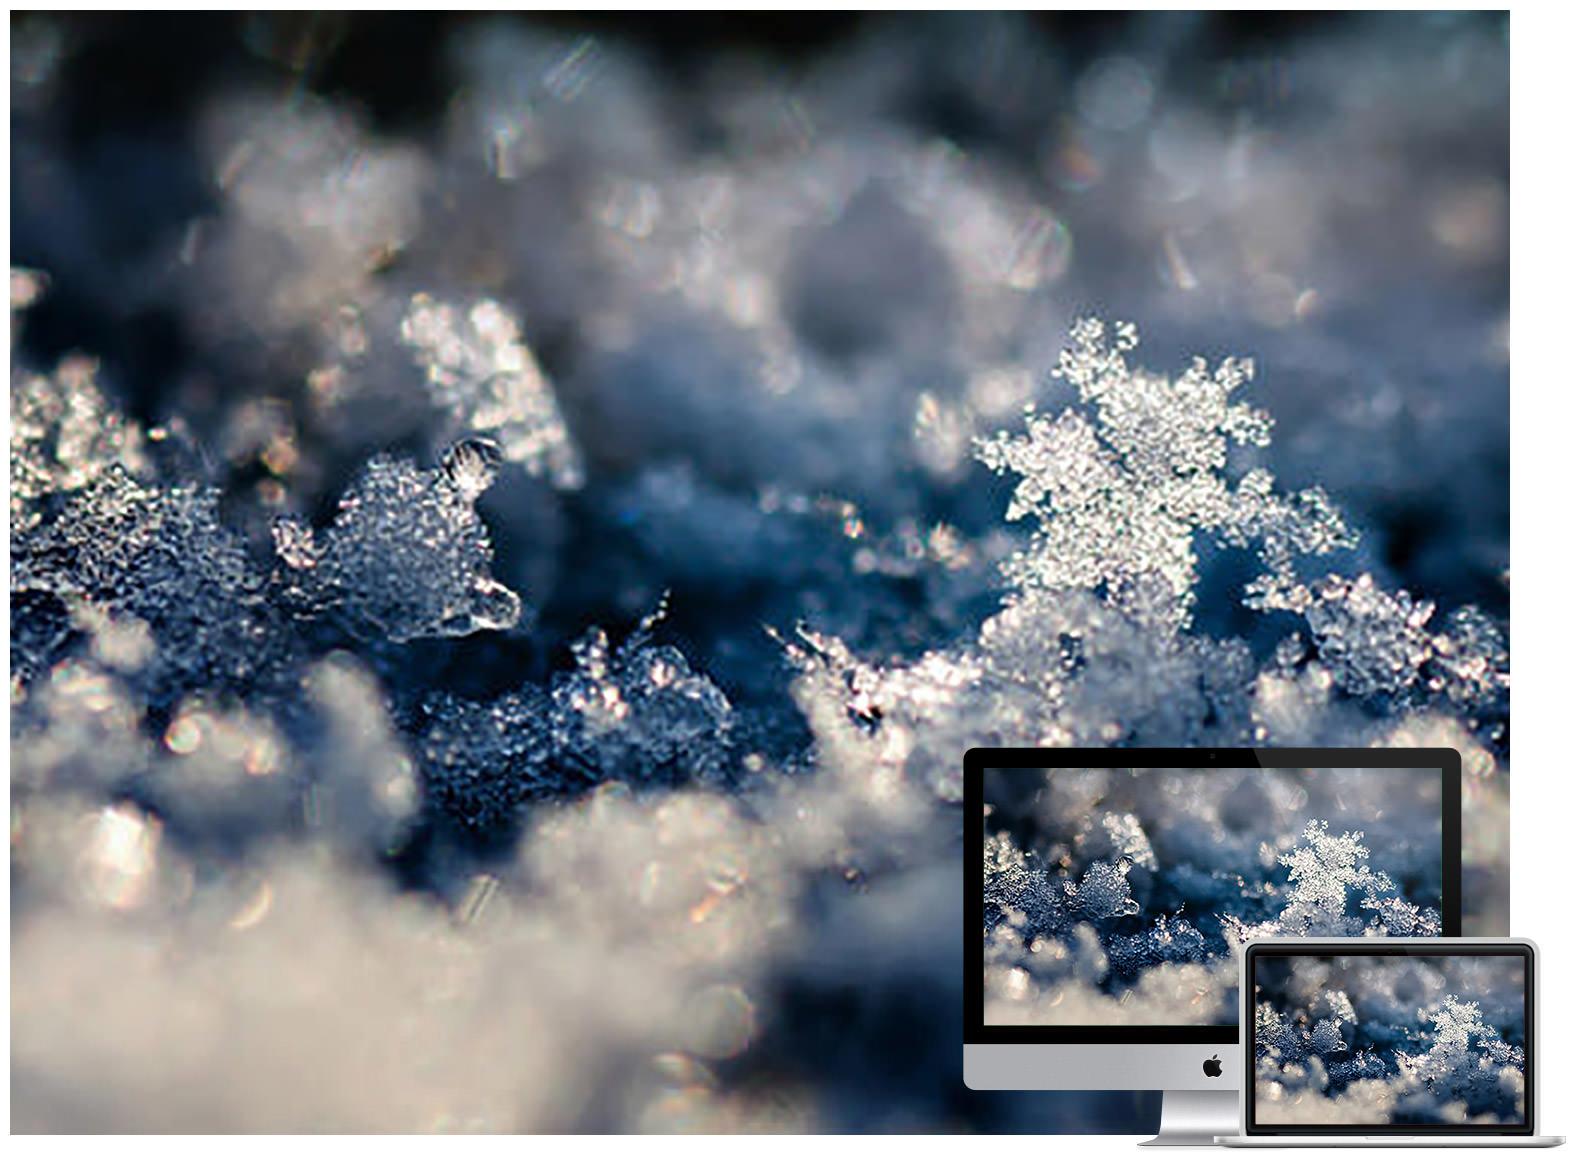 Snow Crystal Landscape - Bộ ảnh nền mùa Đông đẹp dành cho máy tính